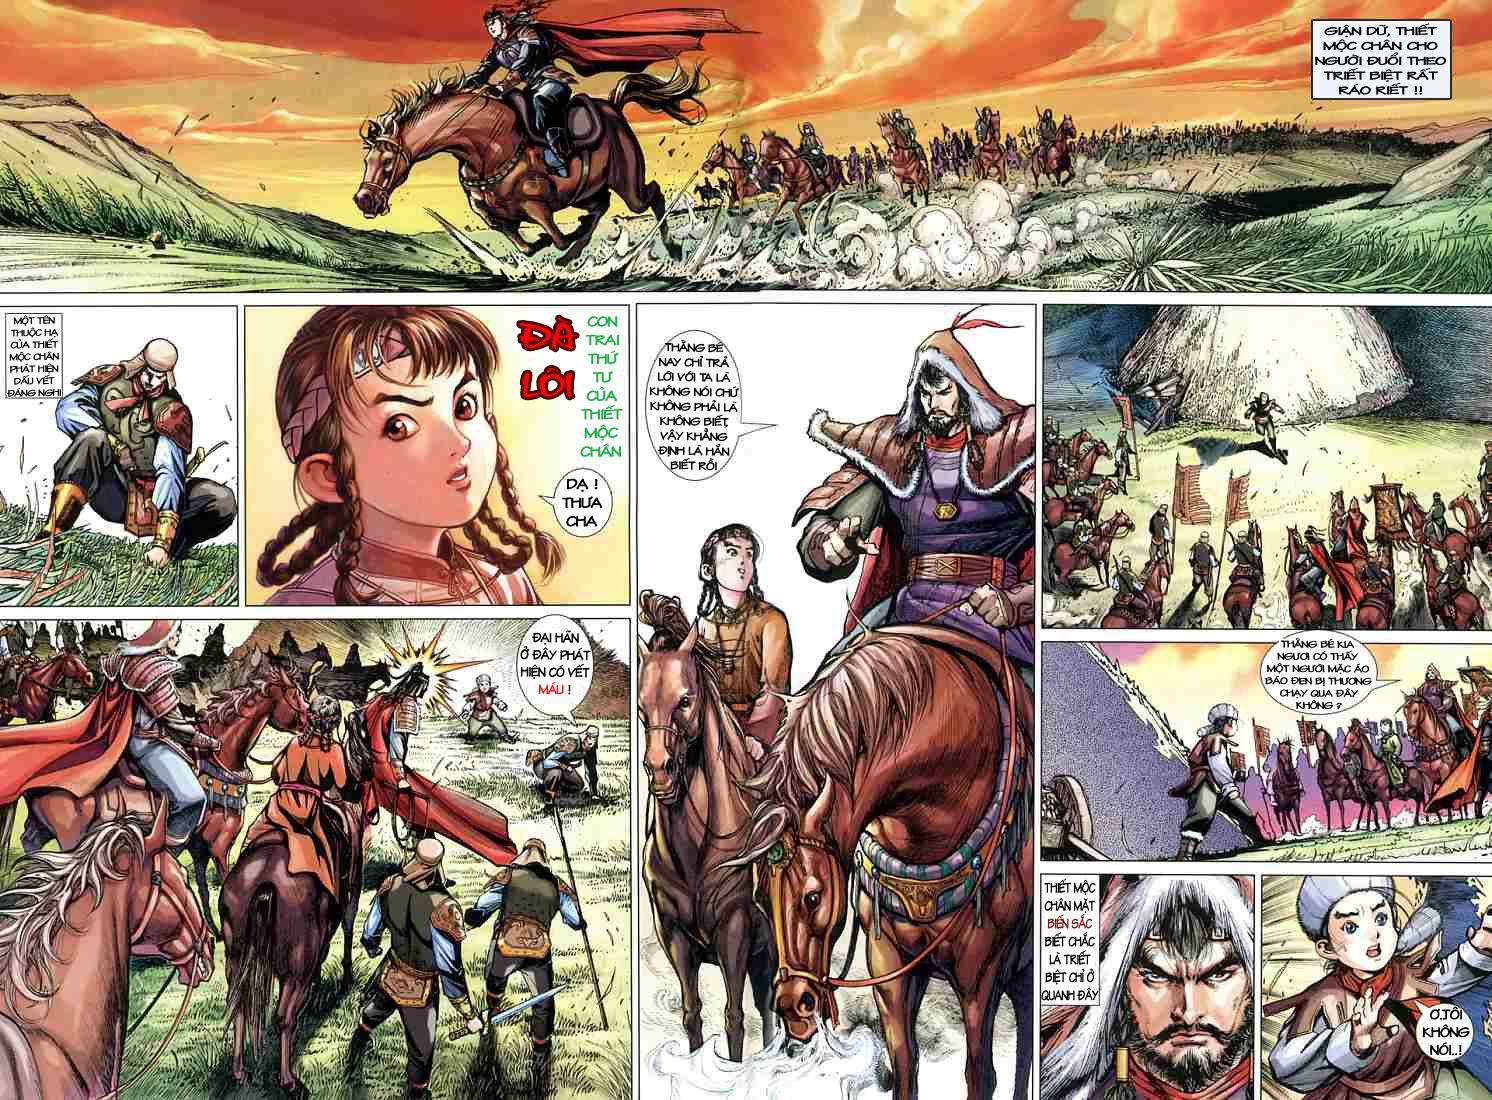 Anh Hùng Xạ Điêu anh hùng xạ đêu chap 1 trang 19